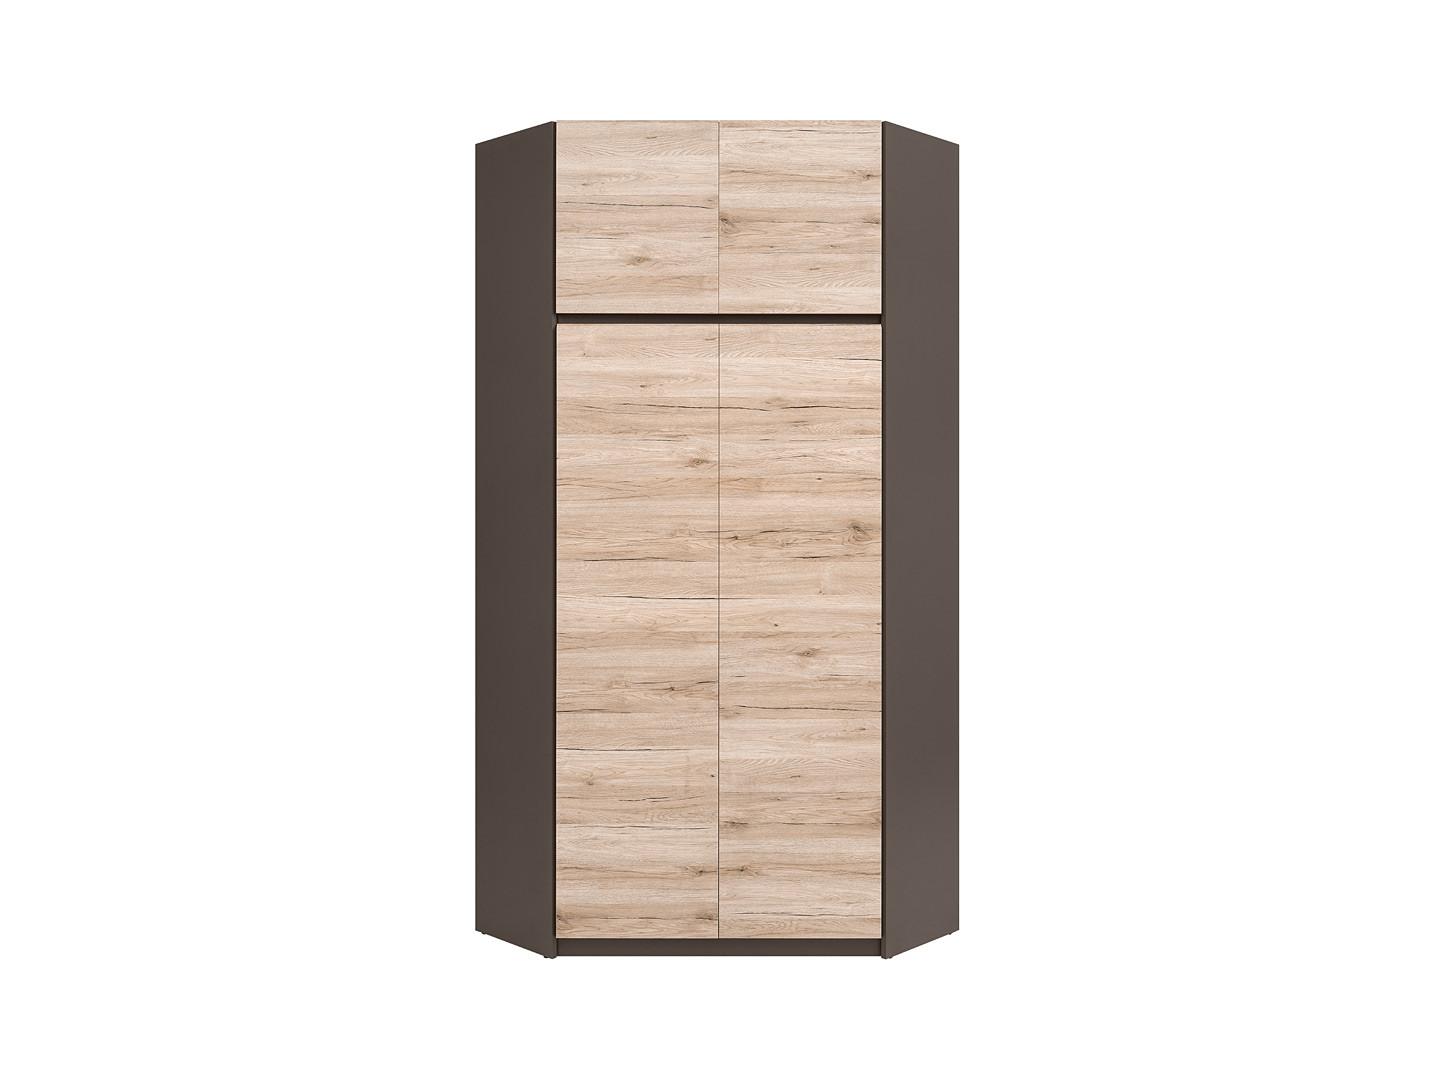 Rohová šatní skříň - BRW - Moden - SZFN2D